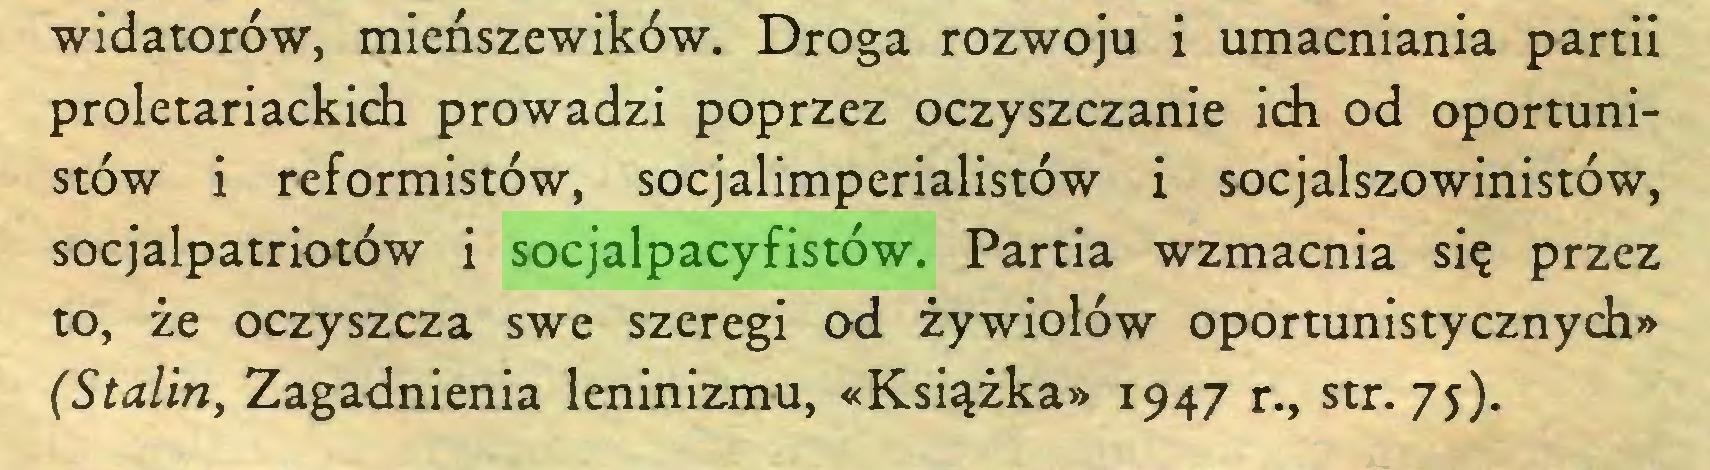 (...) widatorów, mieńszewików. Droga rozwoju i umacniania partii proletariackich prowadzi poprzez oczyszczanie ich od oportunistów i reformistów, socjalimperialistów i socjalszowinistów, socjalpatriotów i socjalpacyfistów. Partia wzmacnia się przez to, że oczyszcza swe szeregi od żywiołów oportunistycznych» (Stalin, Zagadnienia leninizmu, «Książka» 1947 r., str. 75)...